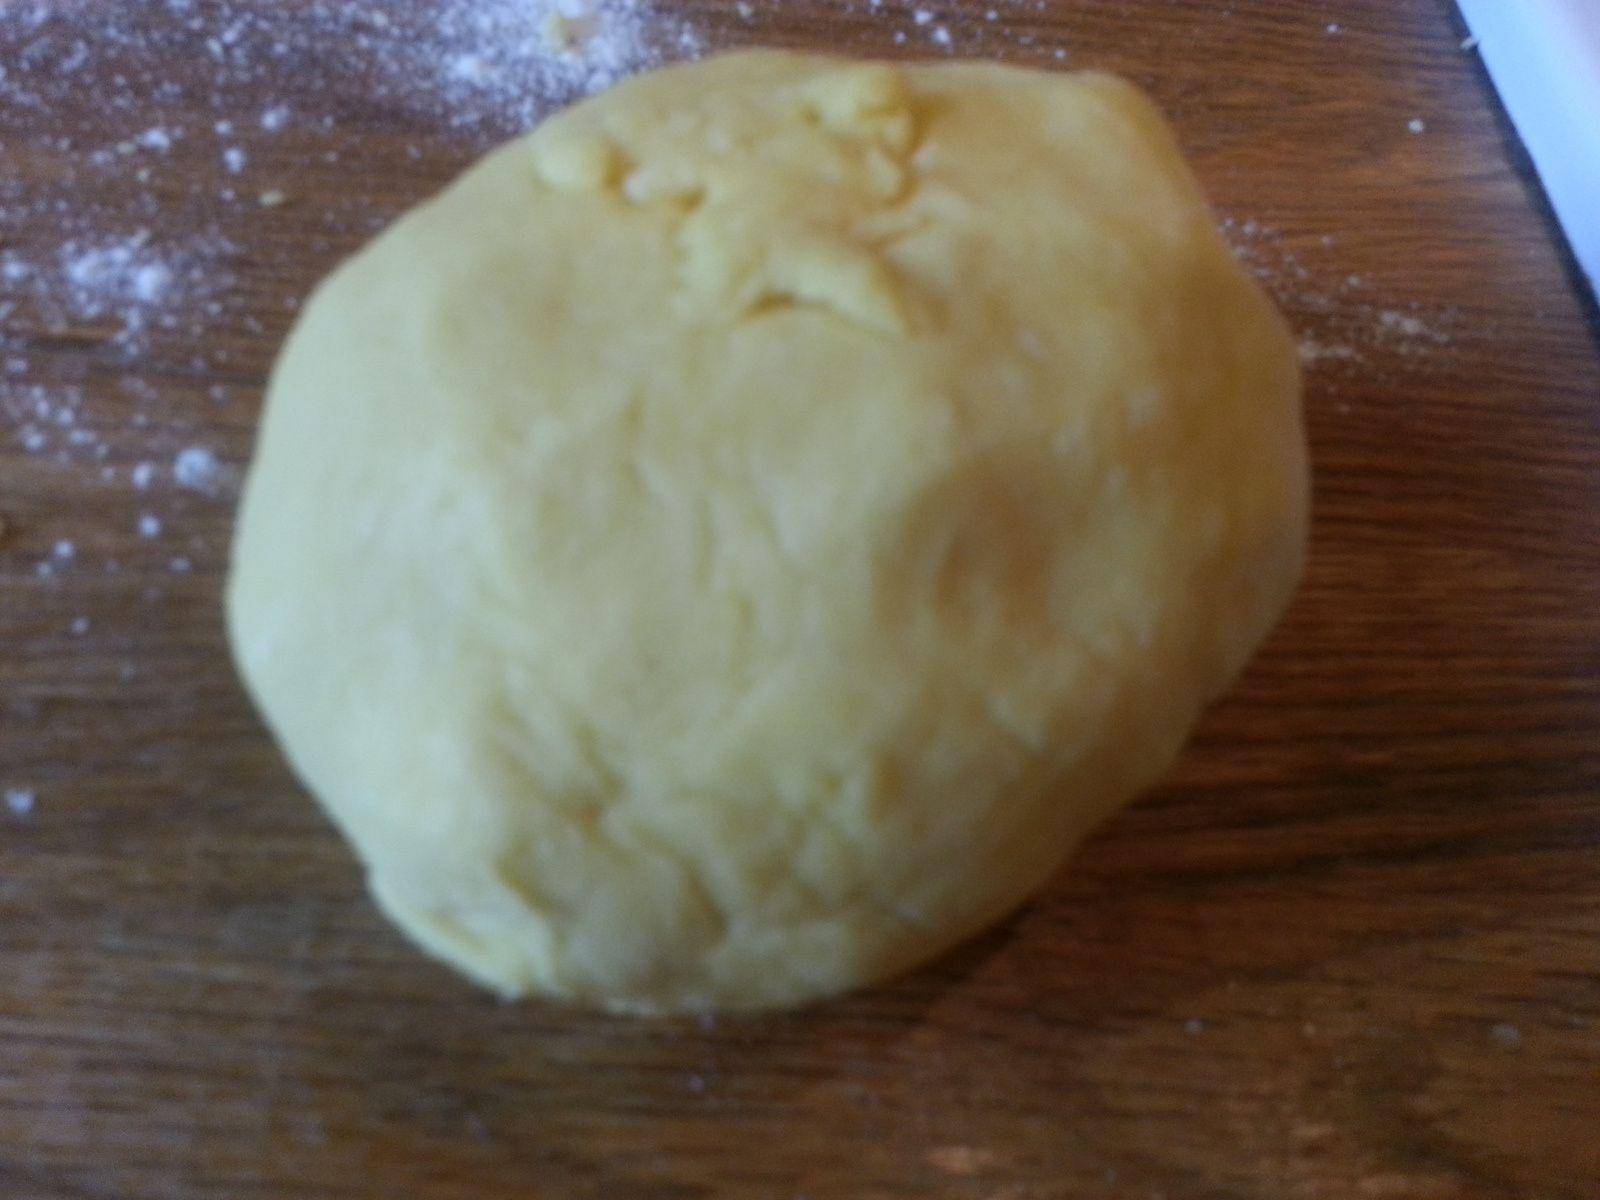 la préparation crème pâtissière : jaunes d'œufs et sucre